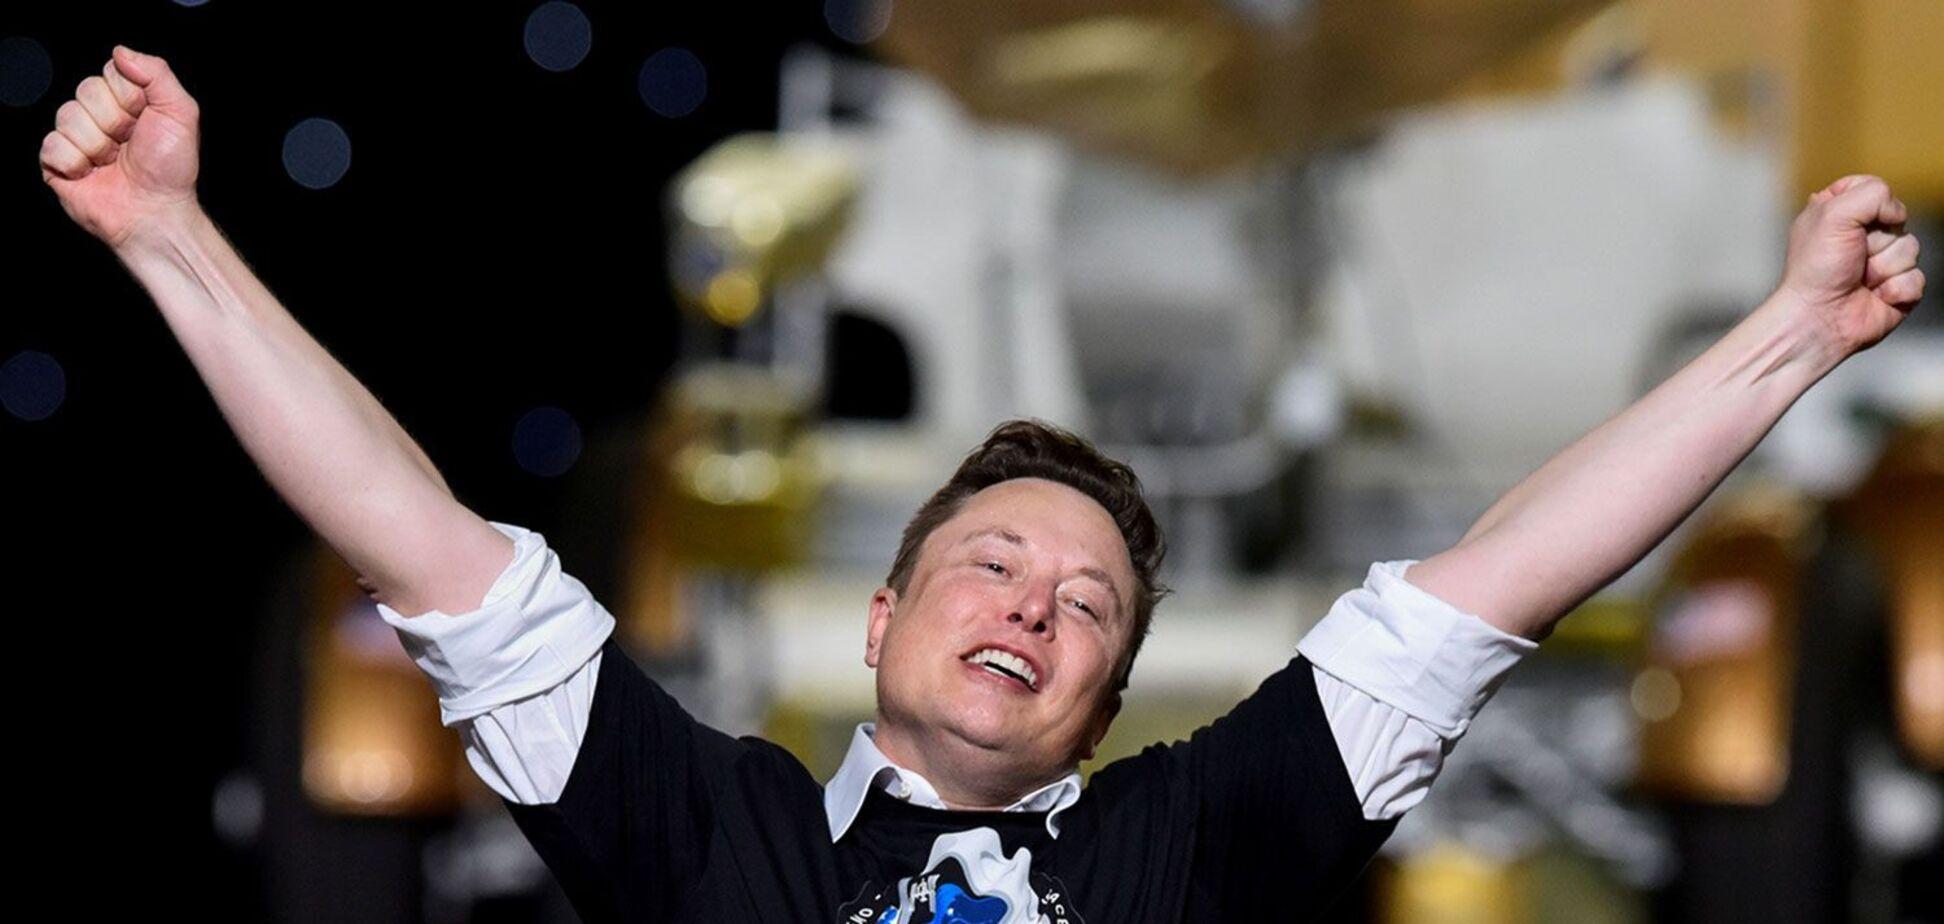 Маск одним твитом в разы взвинтил стоимость криптовалюты MarsCoin